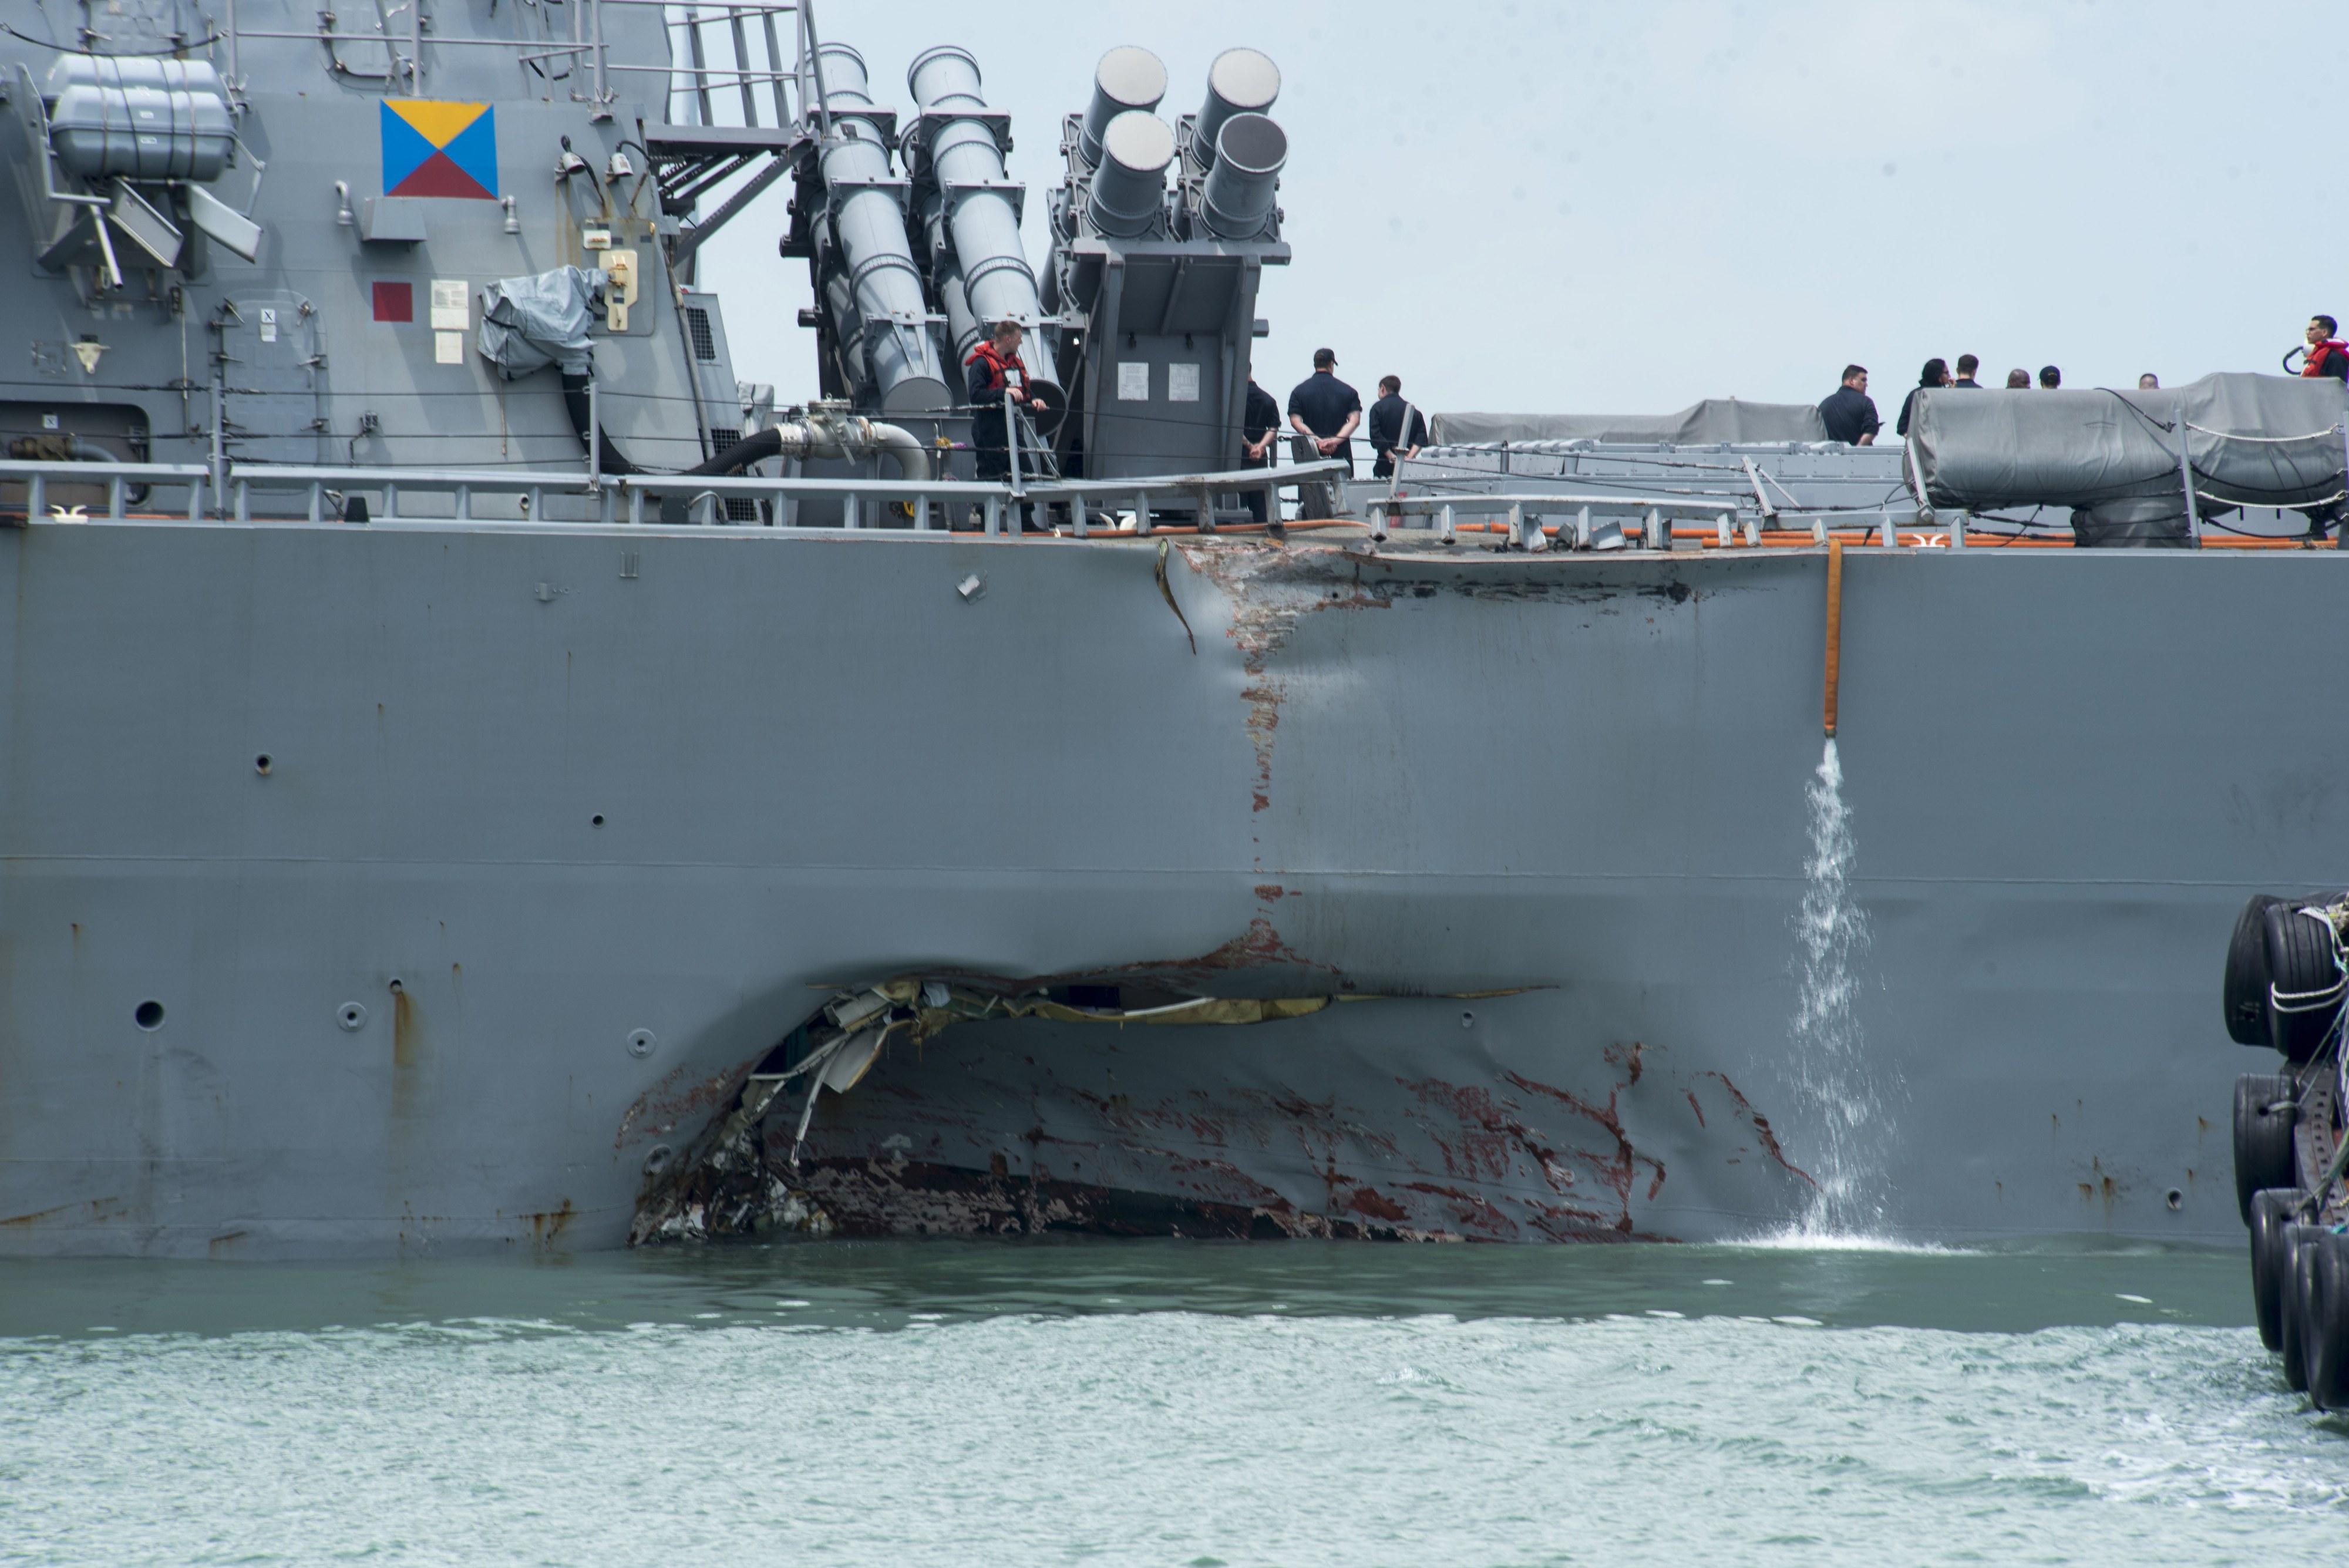 Marinha dos EUA ordena investigação à Frota do Pacífico após colisões